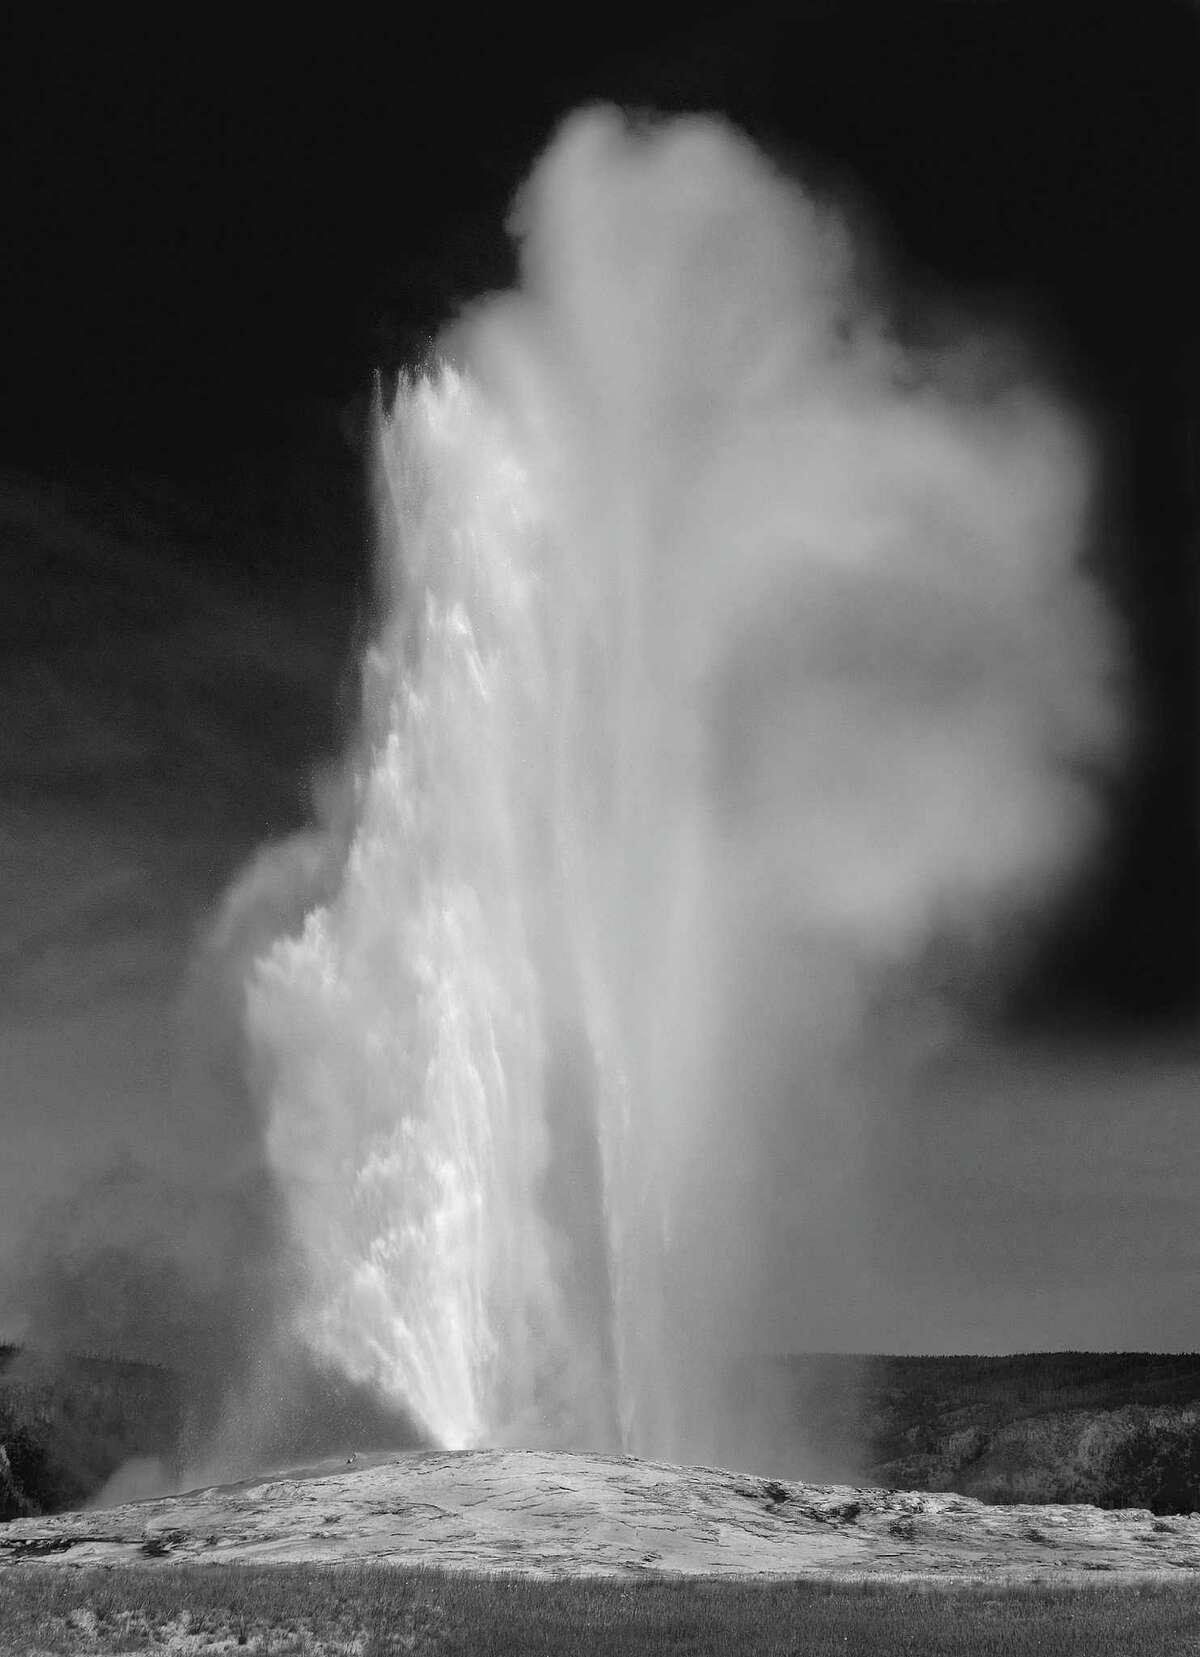 'Old Faithful', Yellowstone National Park, Wyoming